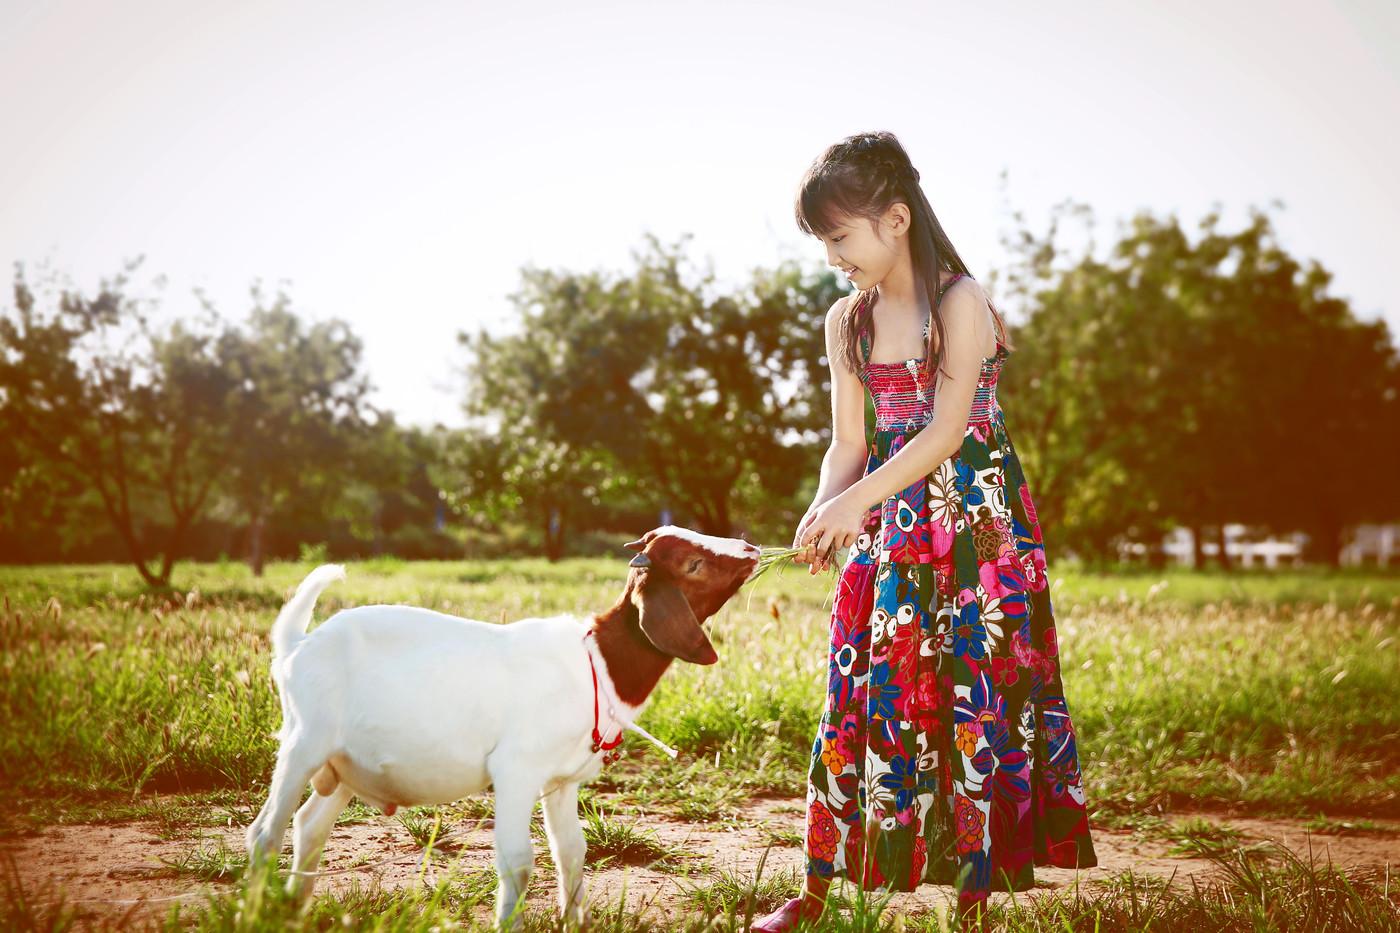 与马儿、羊儿共舞4